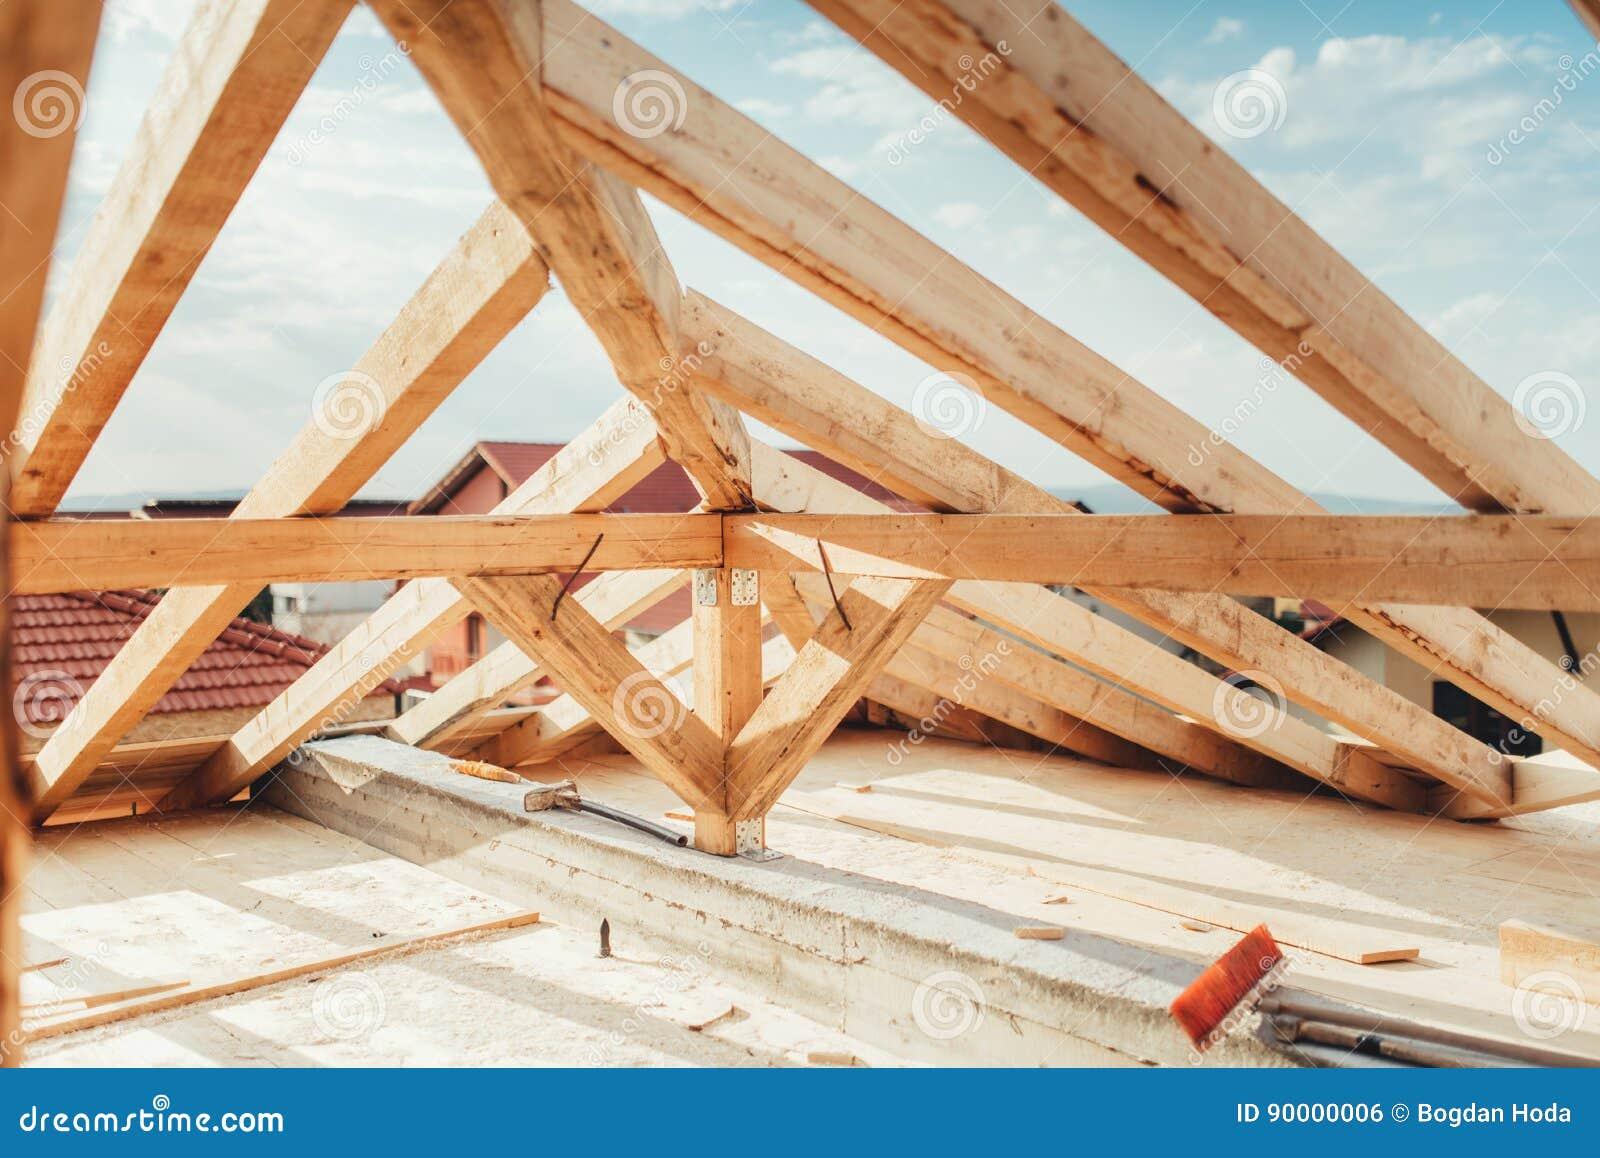 Установка деревянных балок на строительной площадке дома Детали здания с держателями древесины, тимберса и утюга